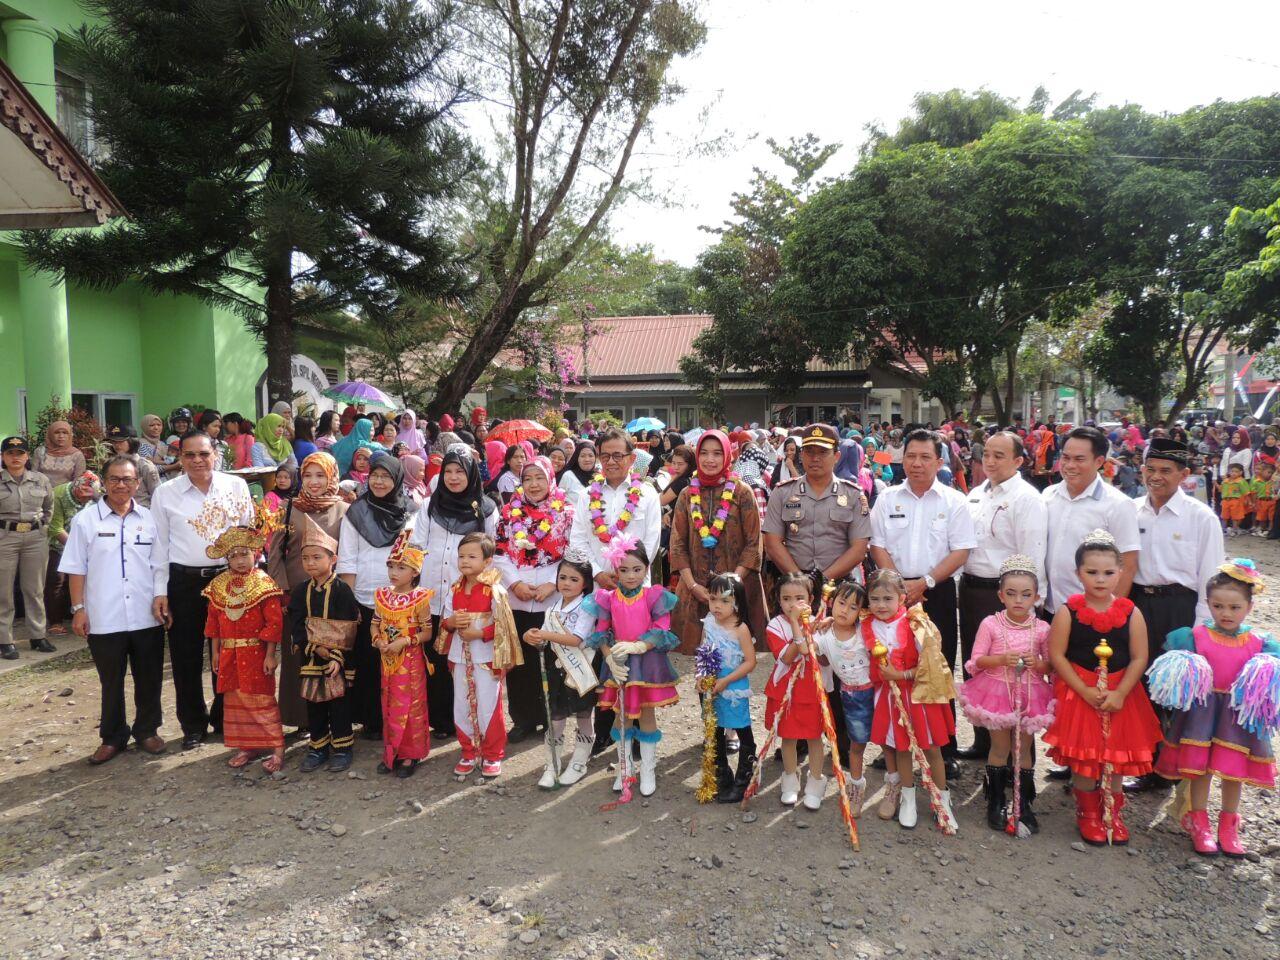 Polres Kepahiang  Lakukan Pengawalan dan Pengamanan 1.020 Siswa Paud Karnaval